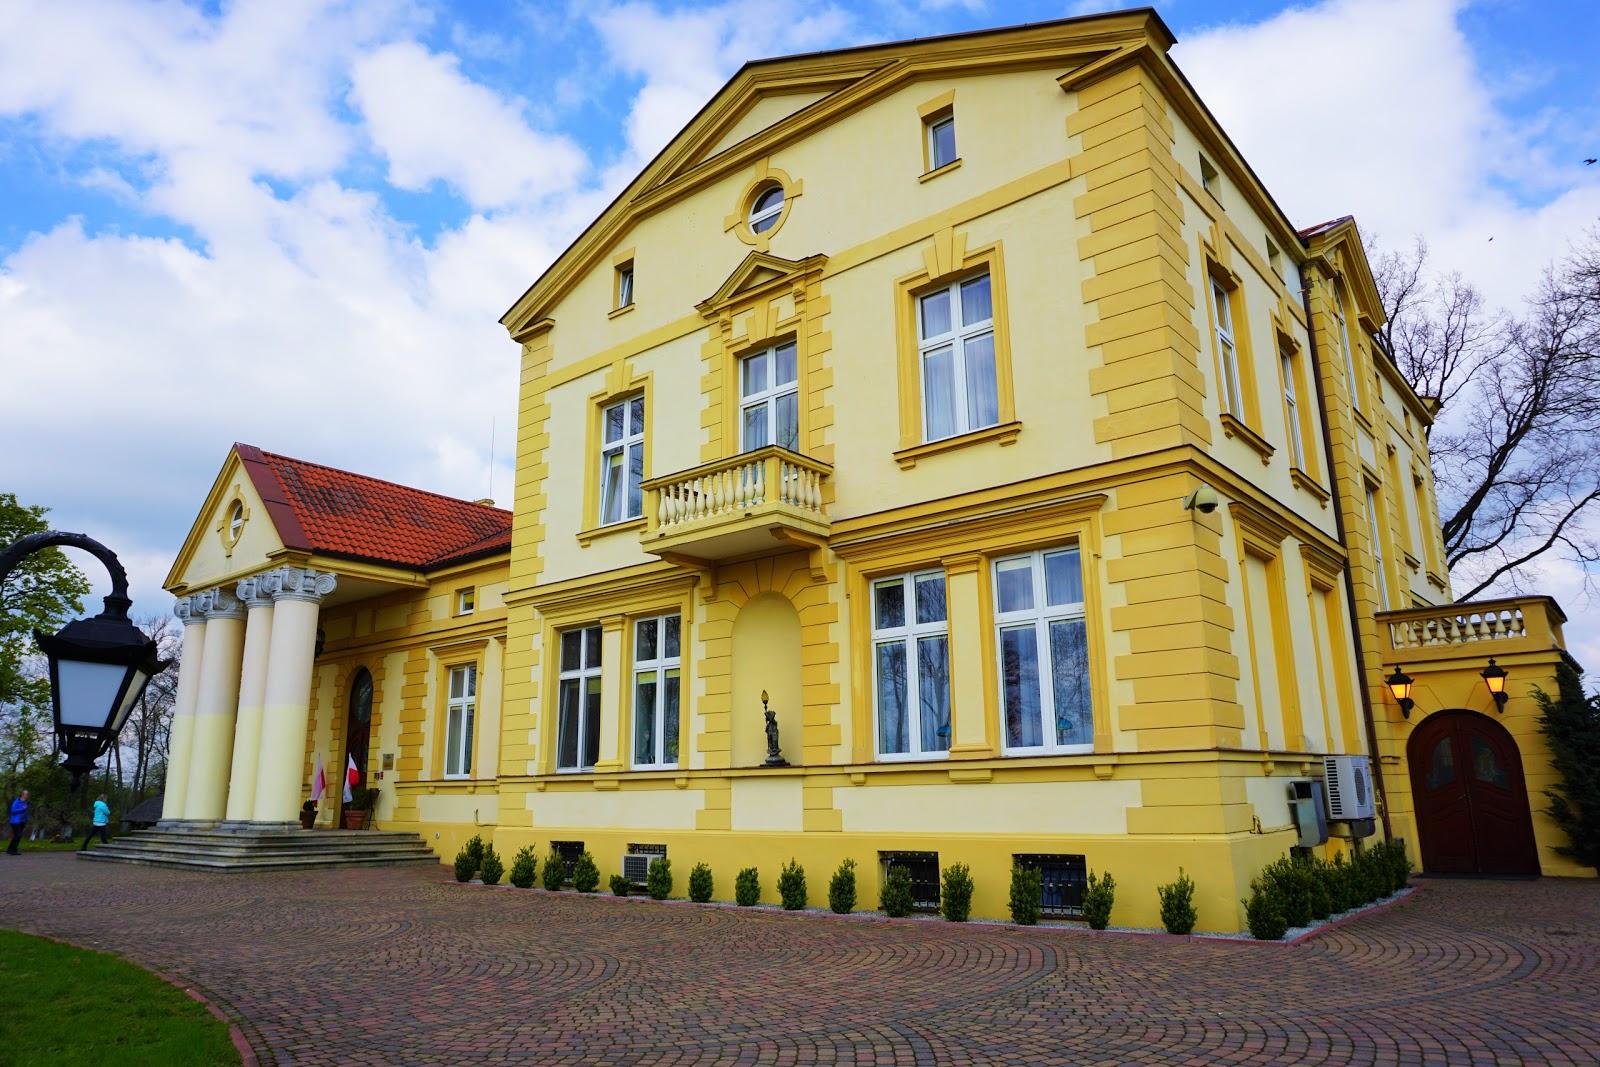 Pałac Piorunów Spa... a miało być tak pięknie....